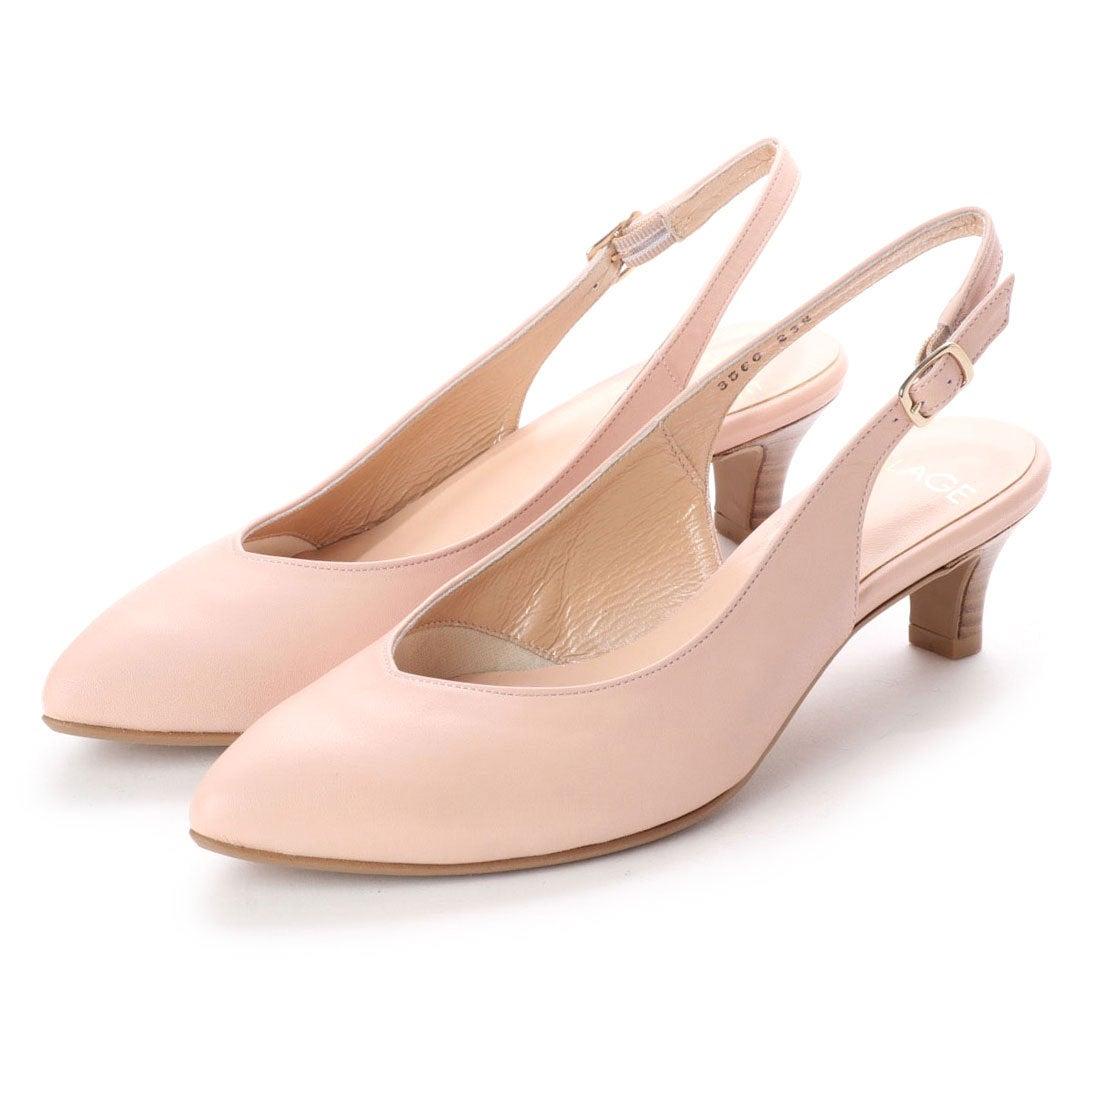 ロコンド 靴とファッションの通販サイトフラッグFLAGサラサラバックストラップパンプス(PK)